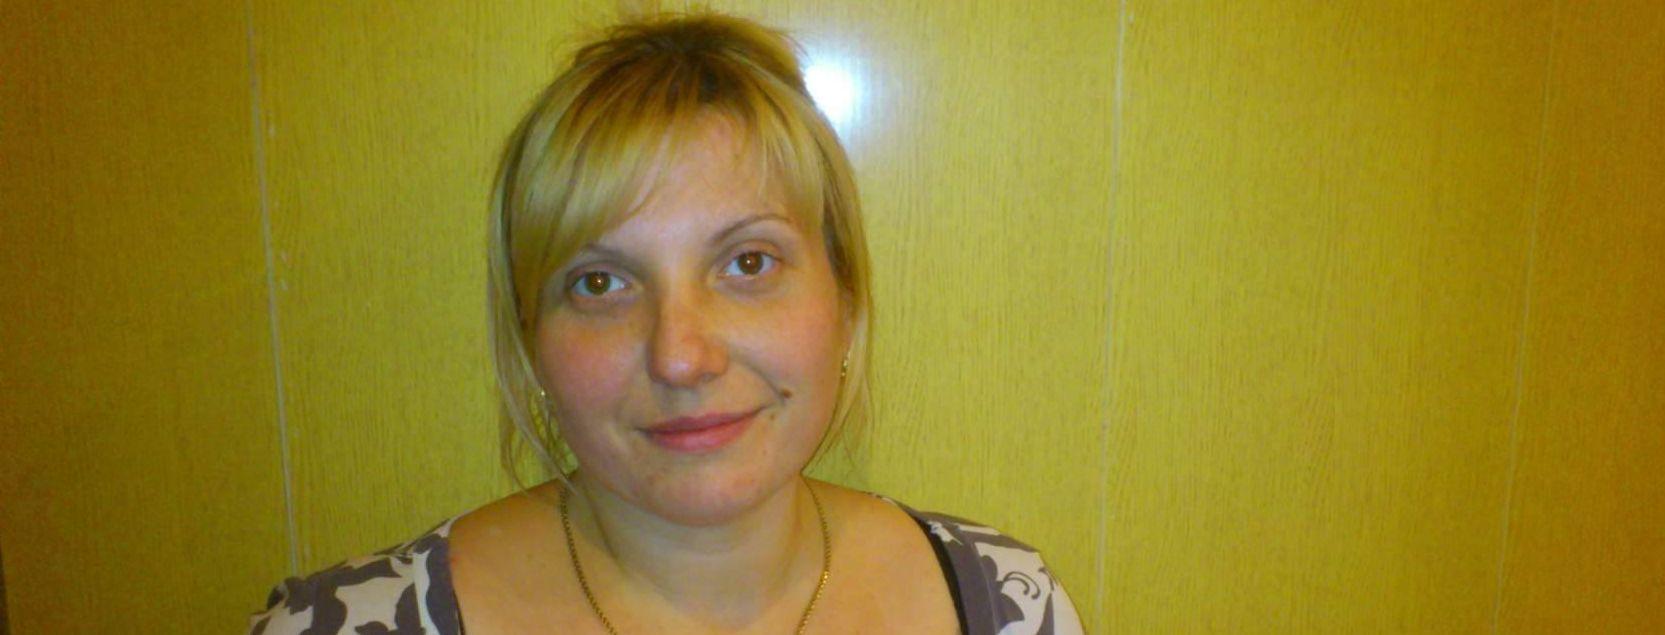 В Кропивницком подозреваемую в убийстве дочери взяли под стражу